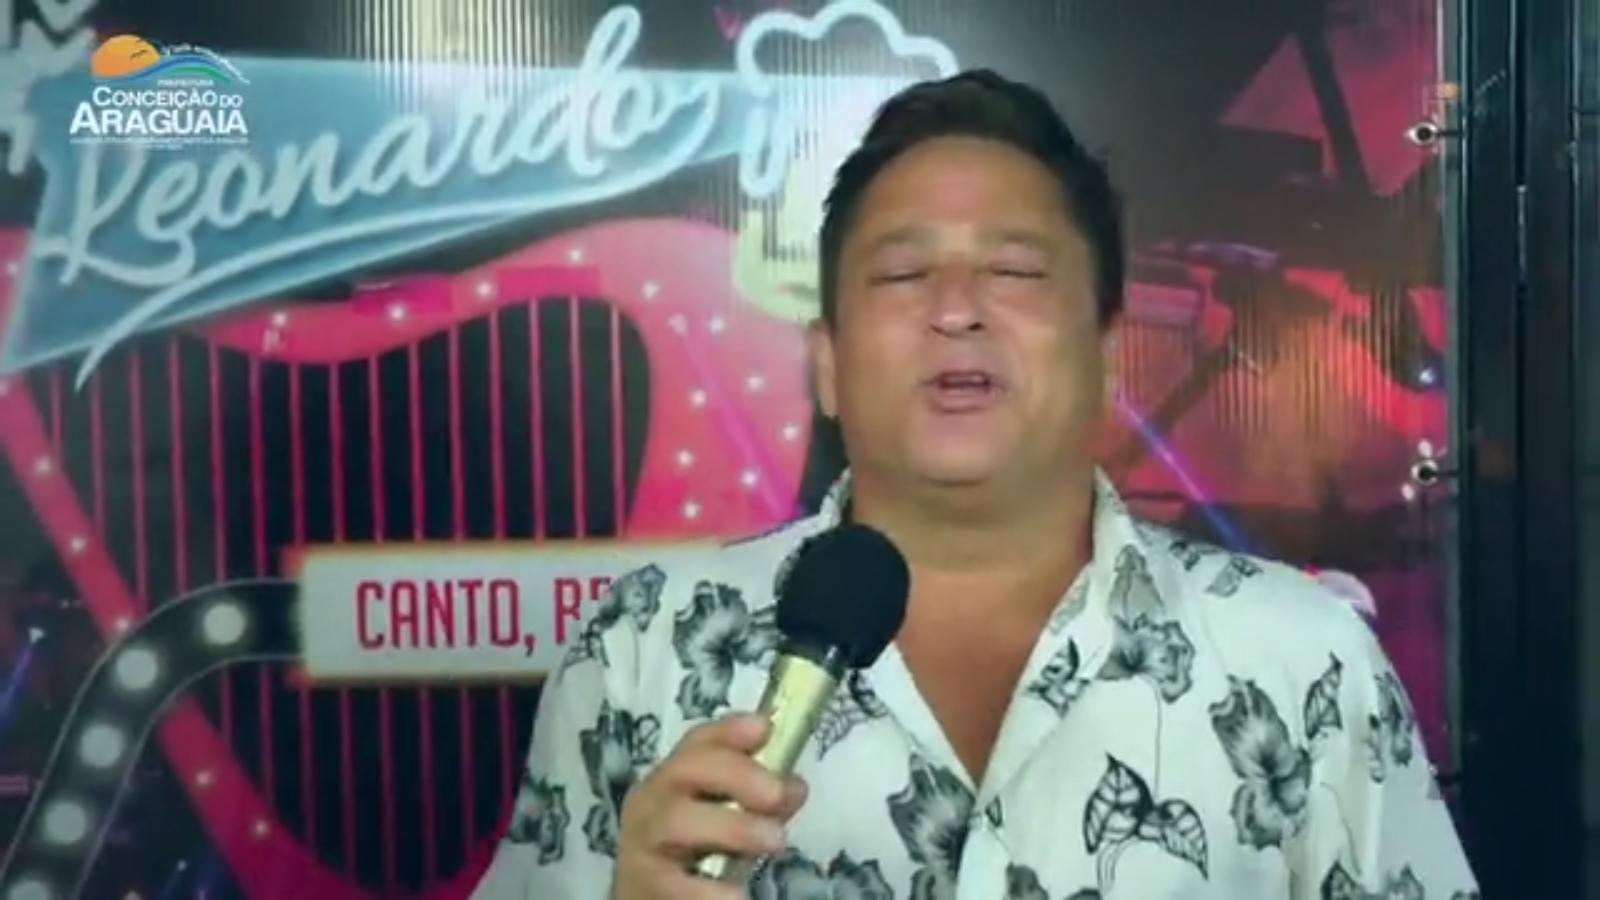 Turnê Canto Bebo E Choro🍷🍷 Leonardo em  CONCEIÇÃO DOARAGUAIA/PA31/12/18 Réveillon 01 1 19